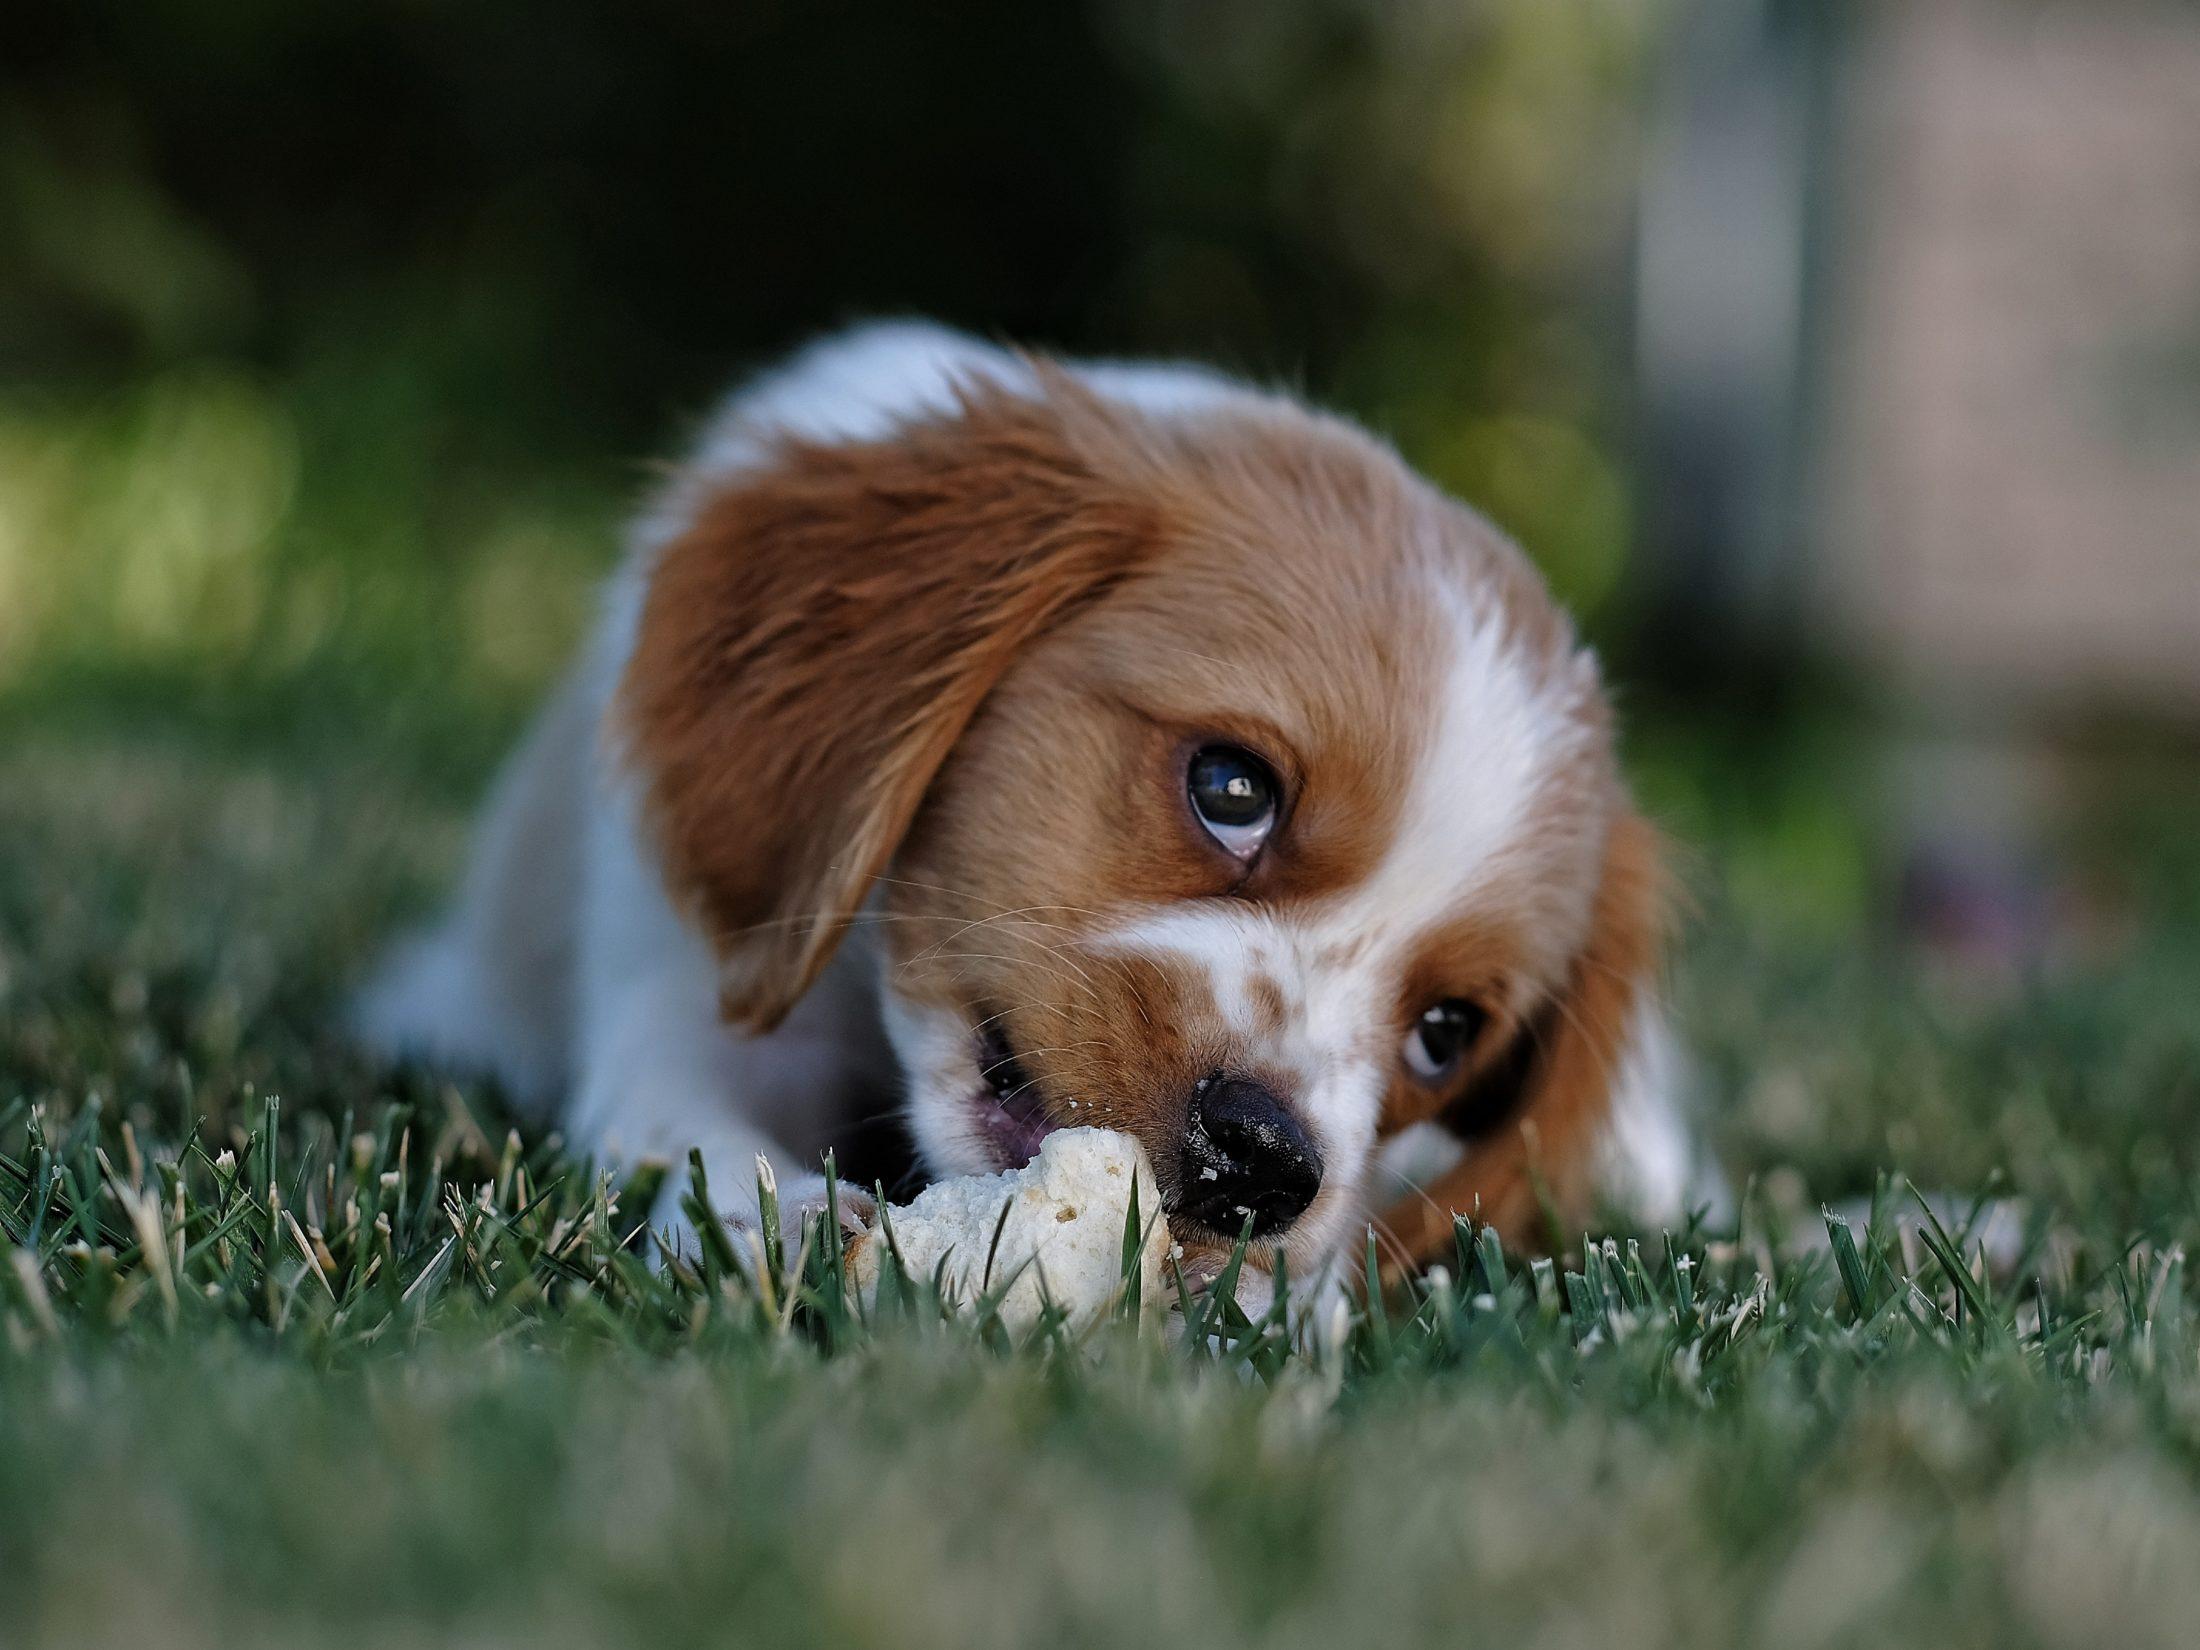 Em caso de roubo de cachorro, vá imediatamente à delegacia de polícia